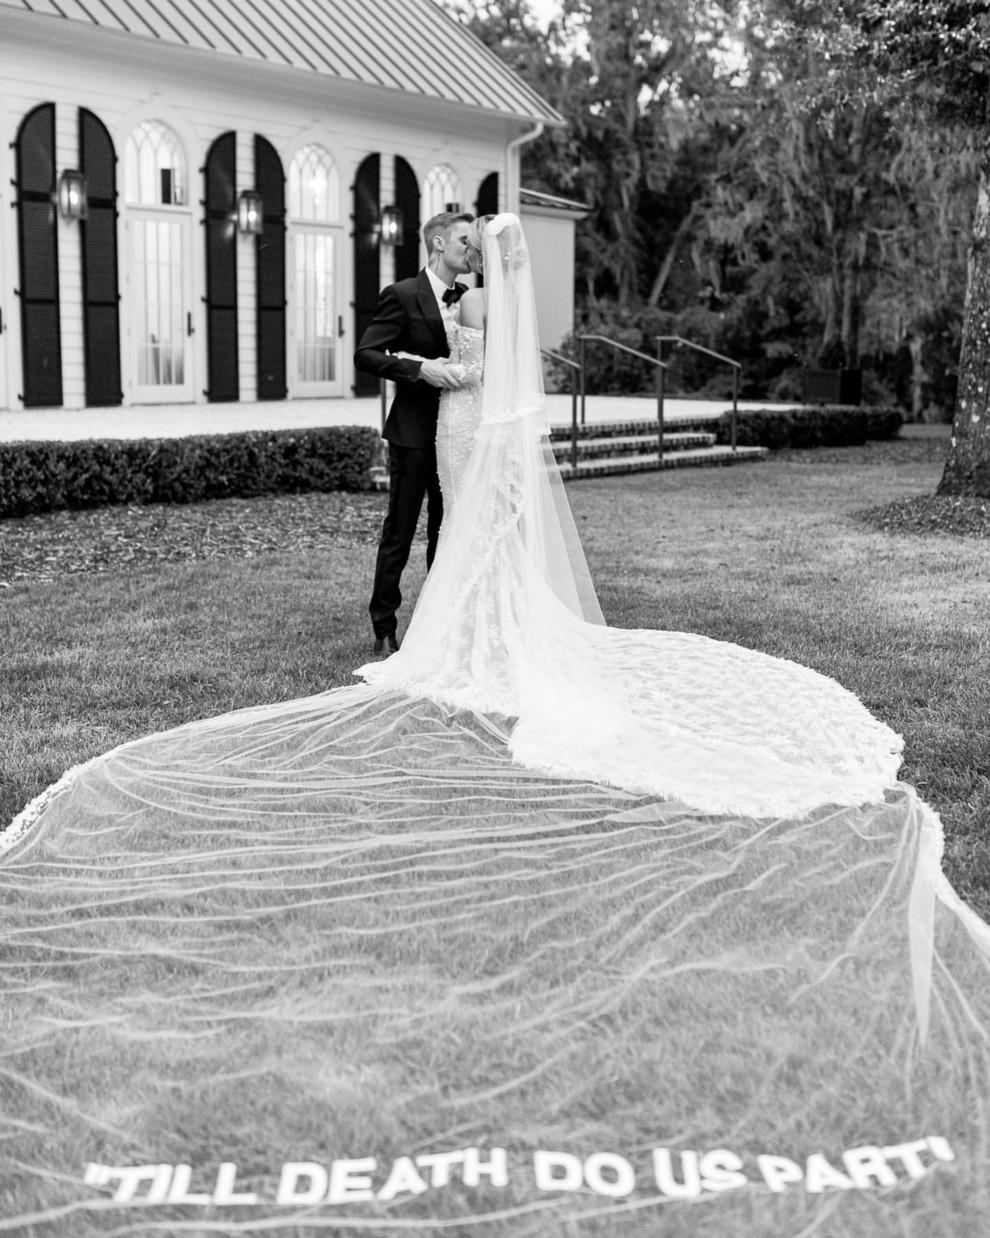 Джастин Бибер и Хейли Бибер трогательно поздравили друг друга с годовщиной свадьбы (ФОТО) - фото №1